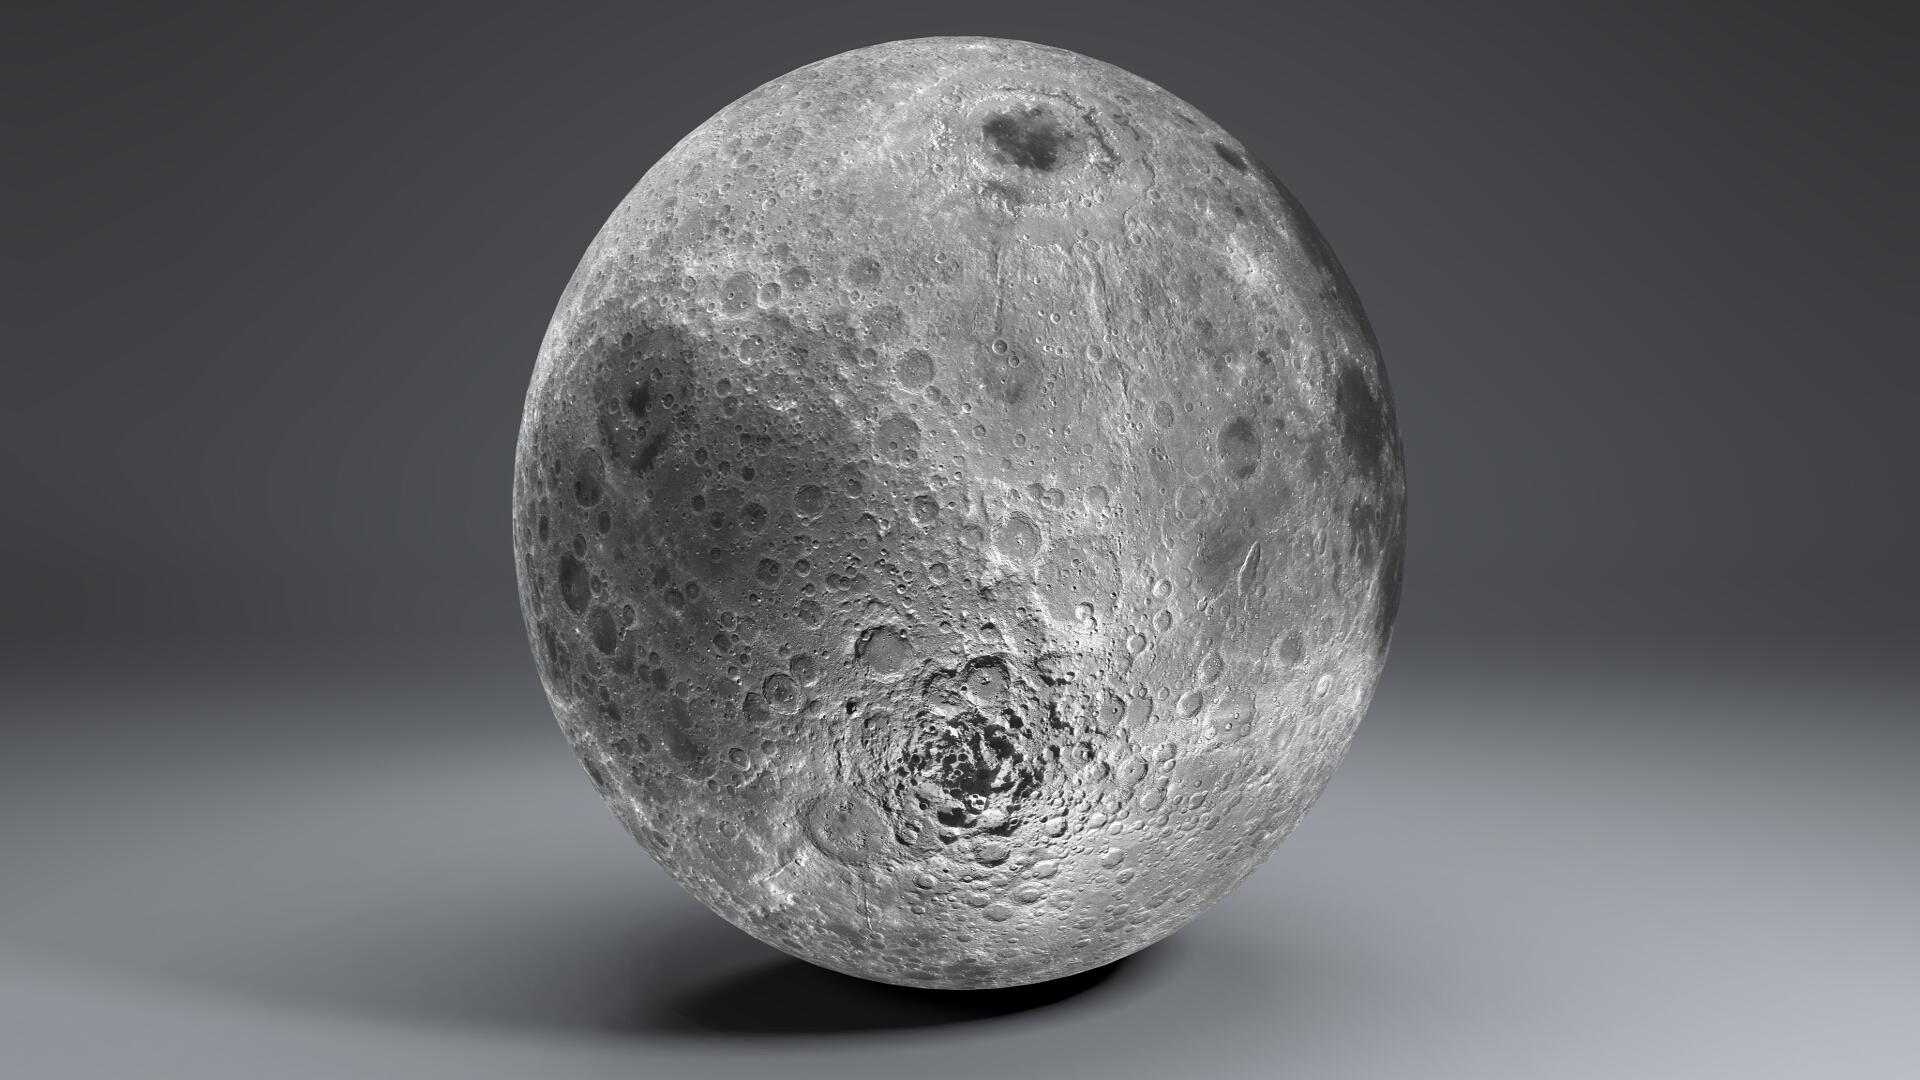 moon globe 23k 3d model 3ds fbx blend dae obj 222143